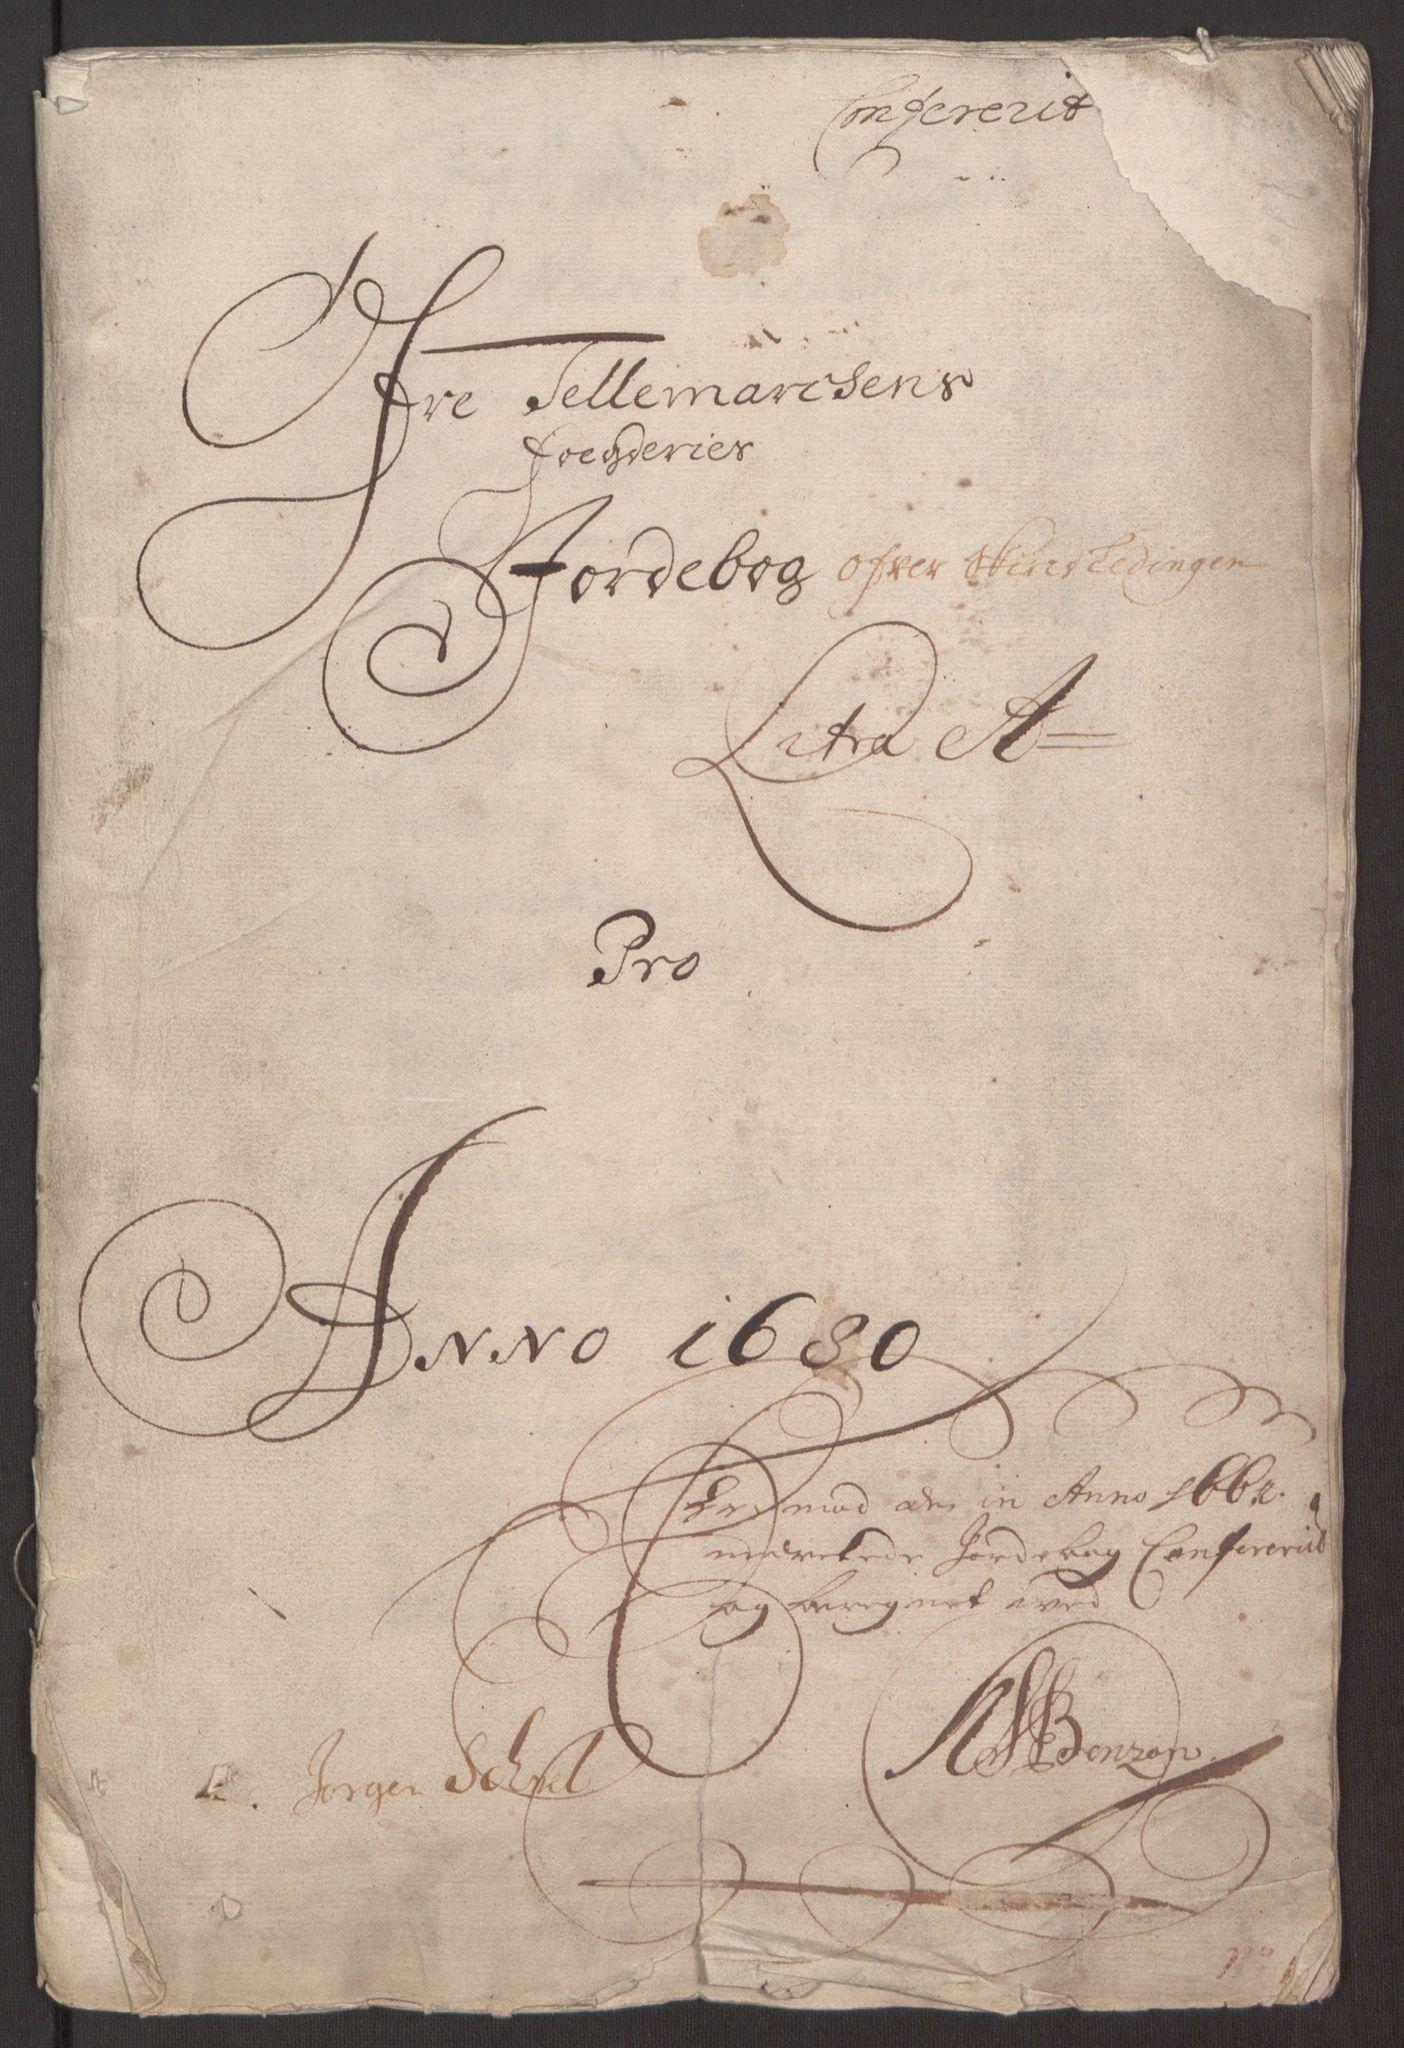 RA, Rentekammeret inntil 1814, Reviderte regnskaper, Fogderegnskap, R35/L2075: Fogderegnskap Øvre og Nedre Telemark, 1680-1684, s. 34